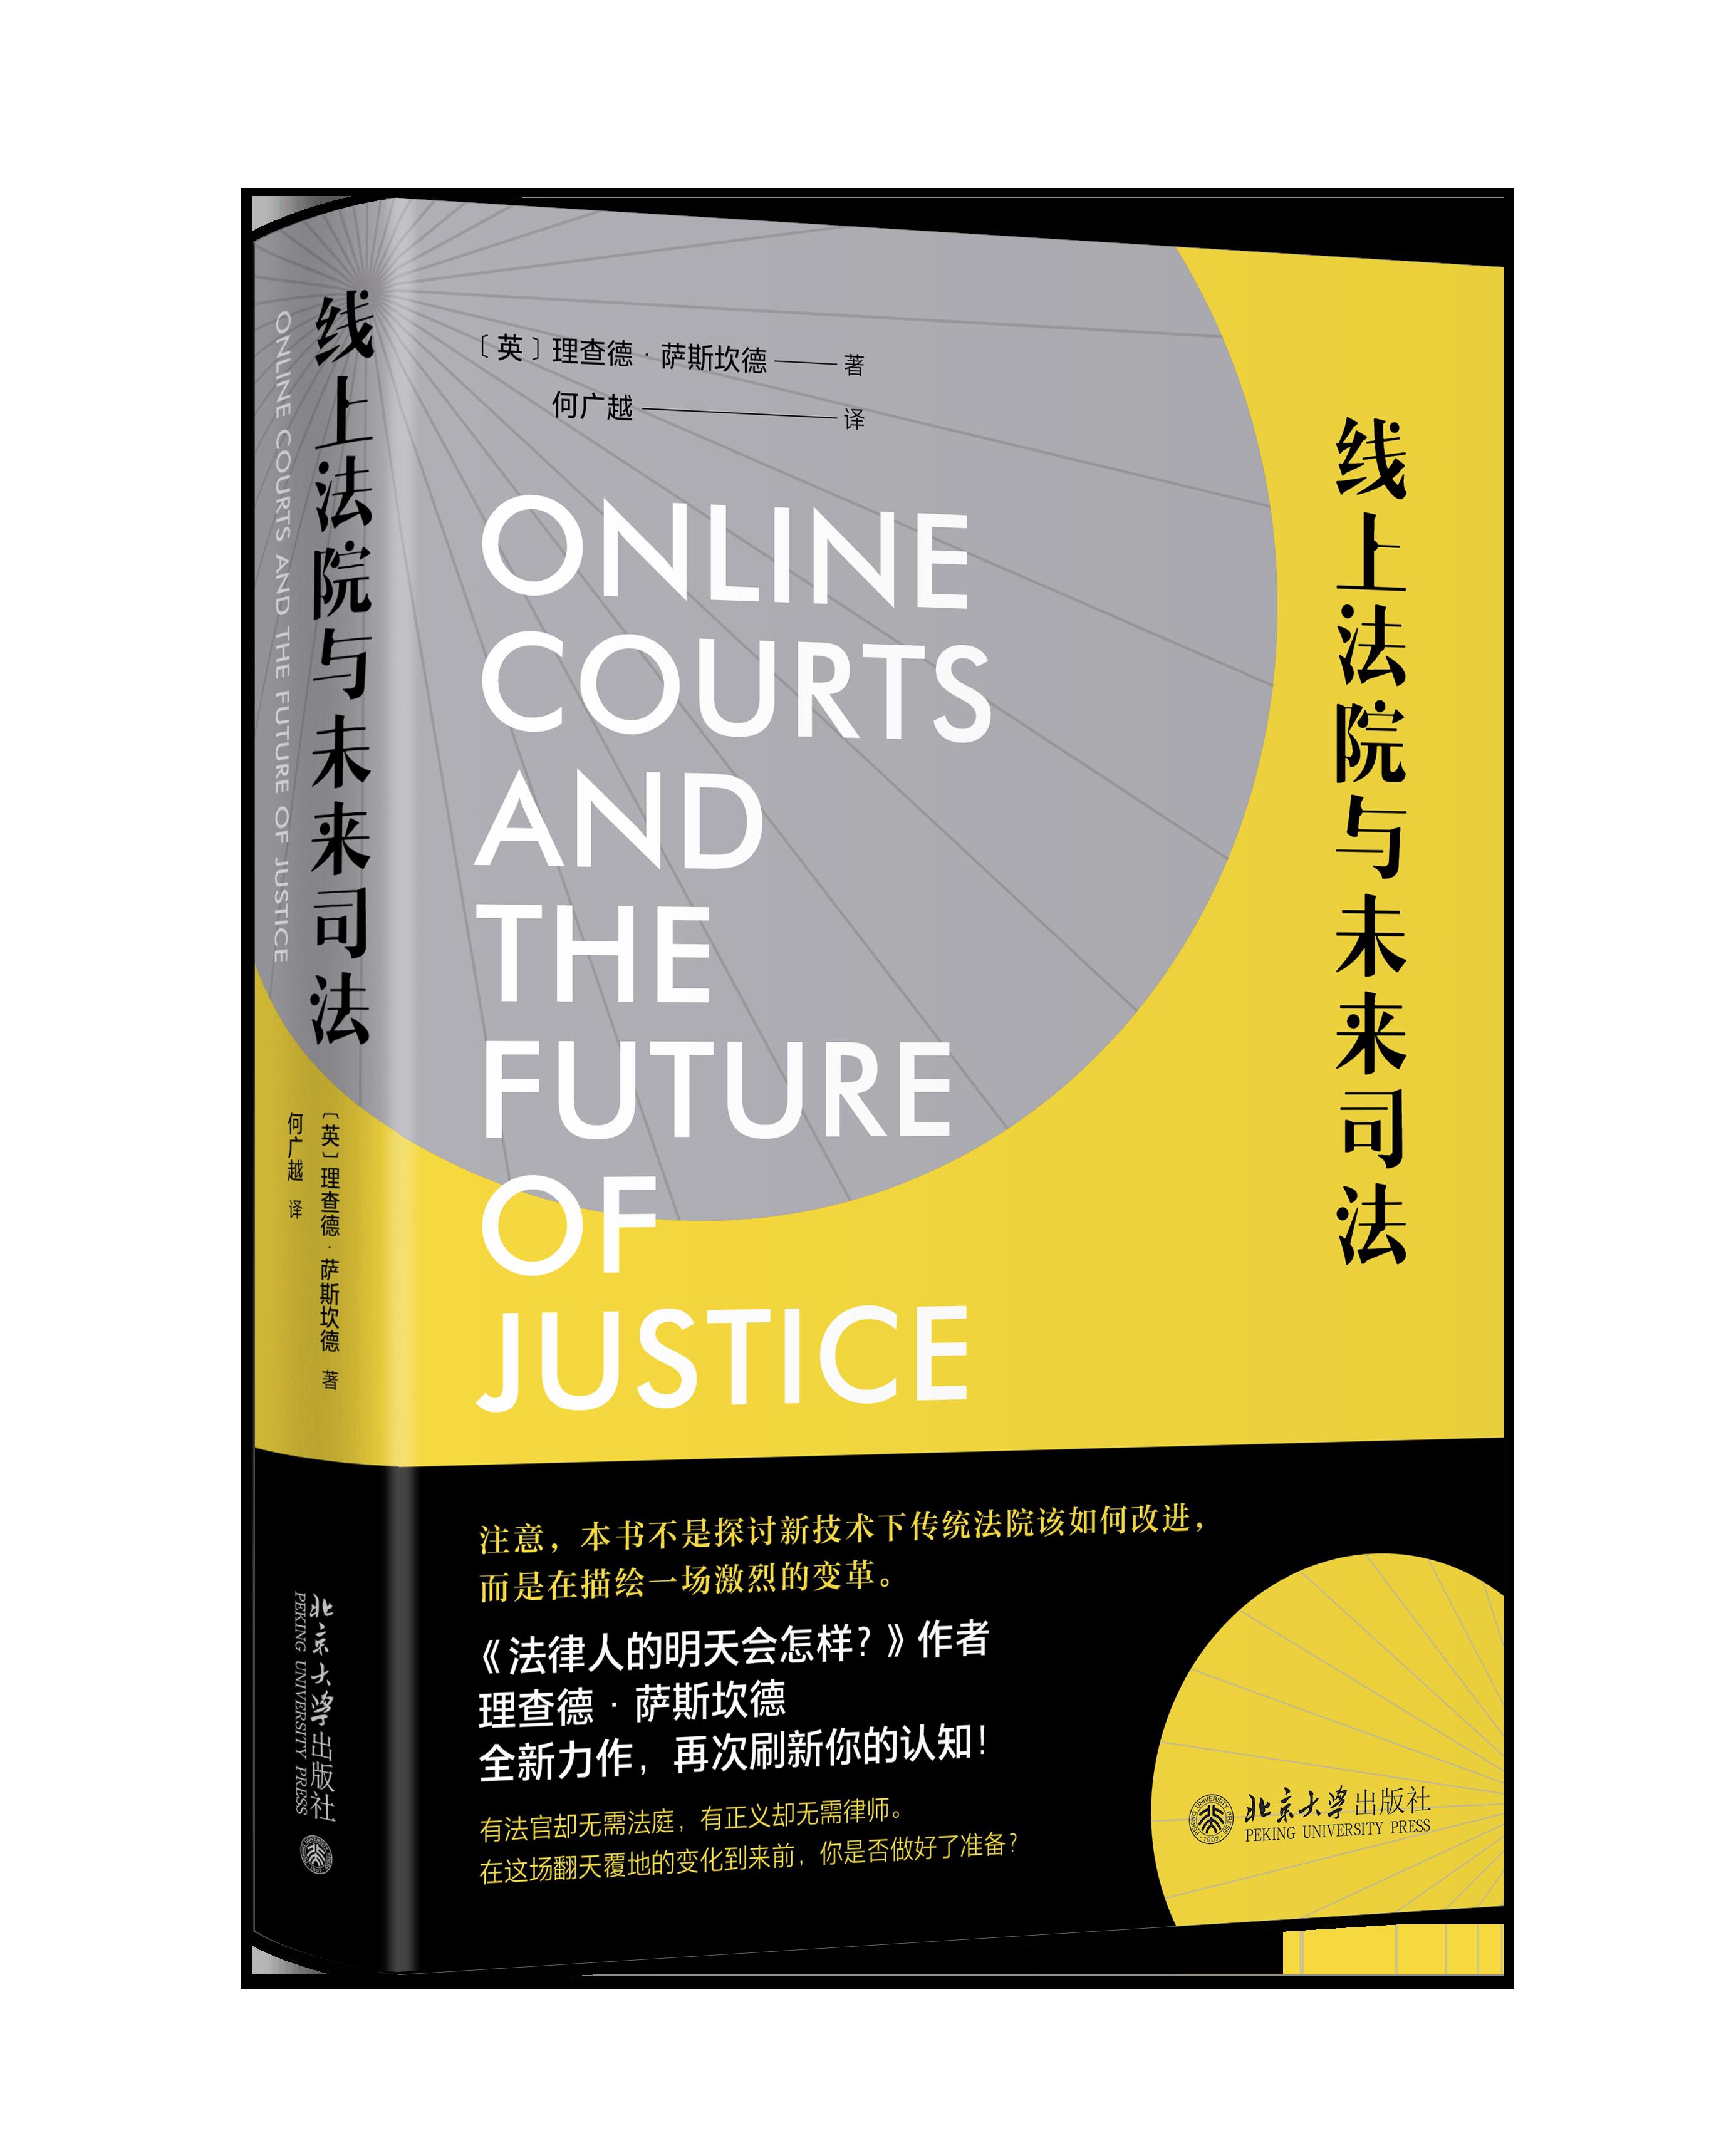 《线上法院与未来司法》,理查德·萨斯坎德 著,何广越 译,北京大学出版社2021版